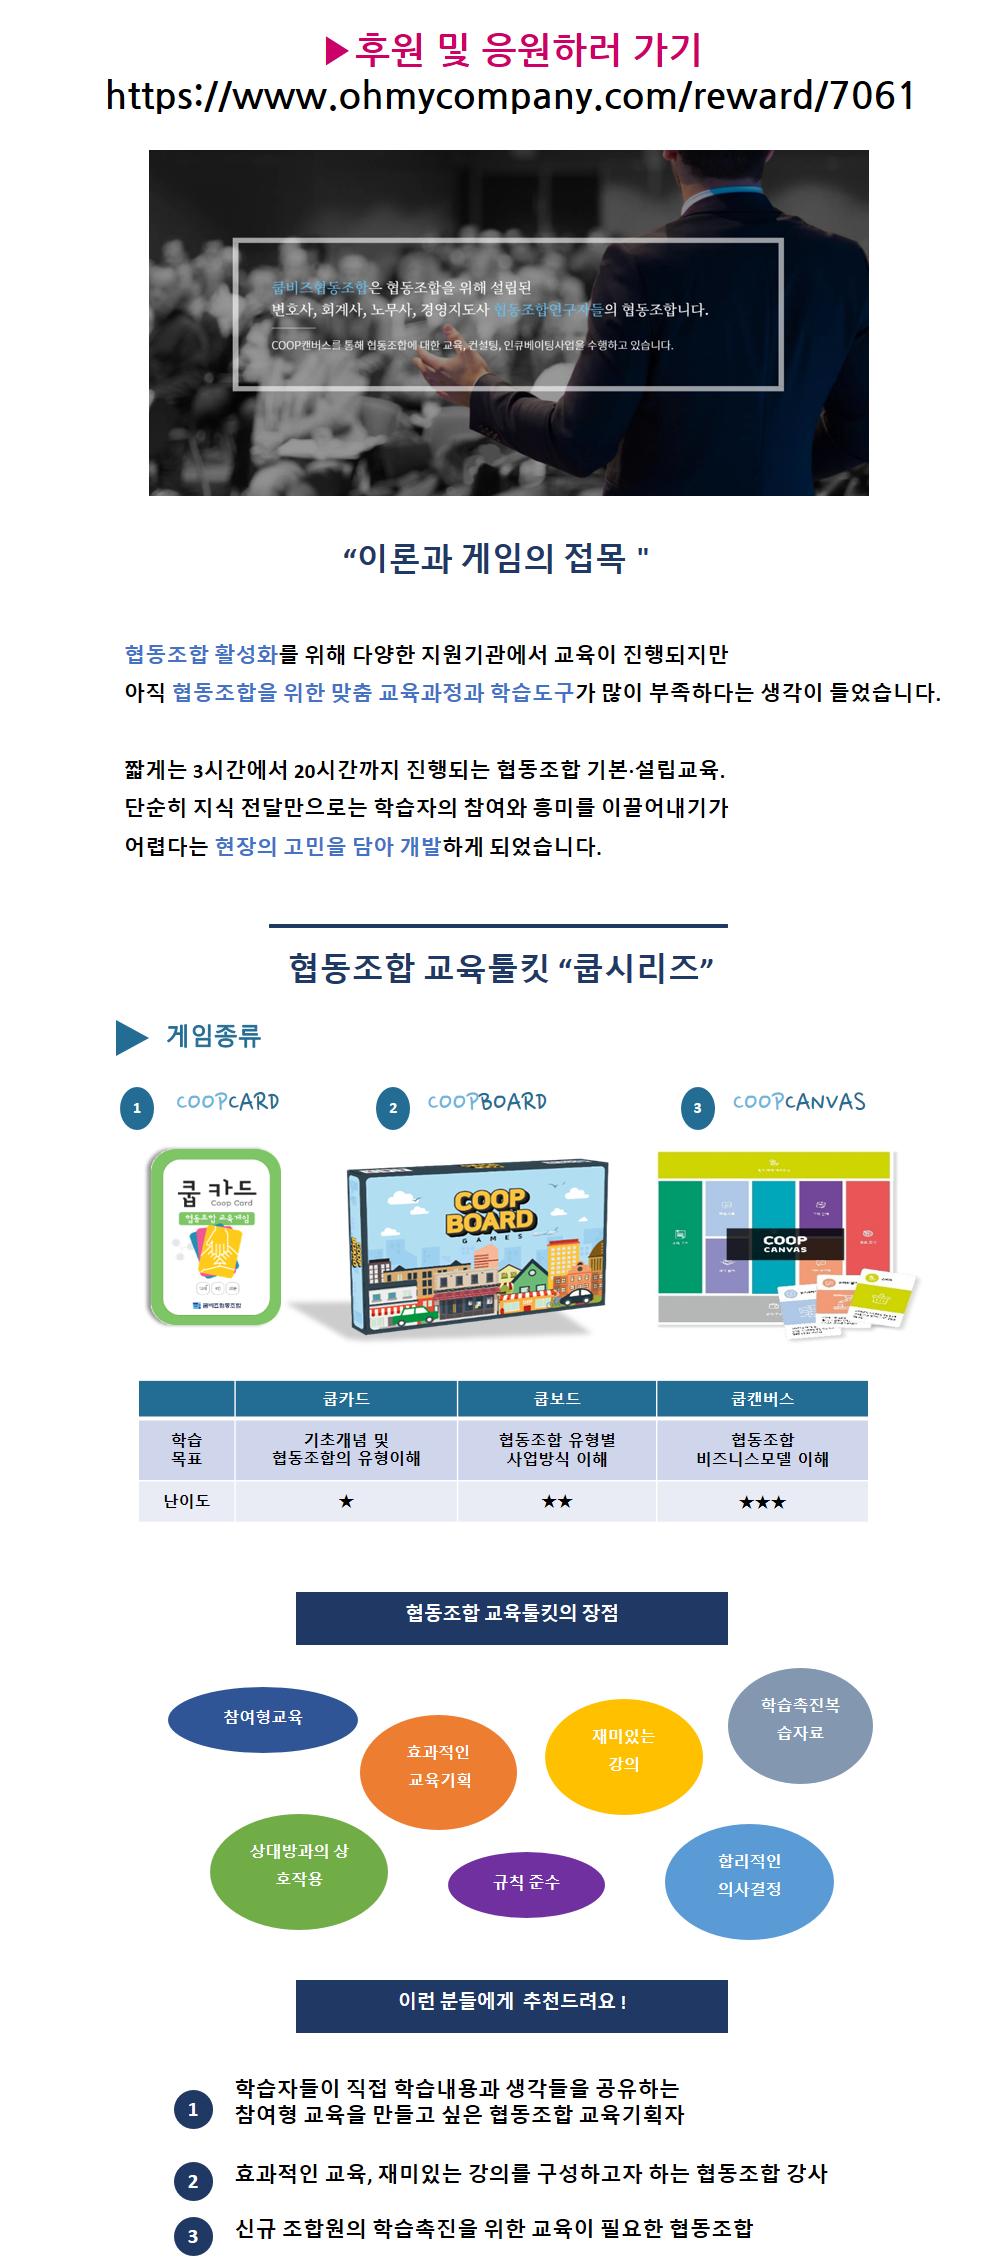 교육툴킷 웹자보